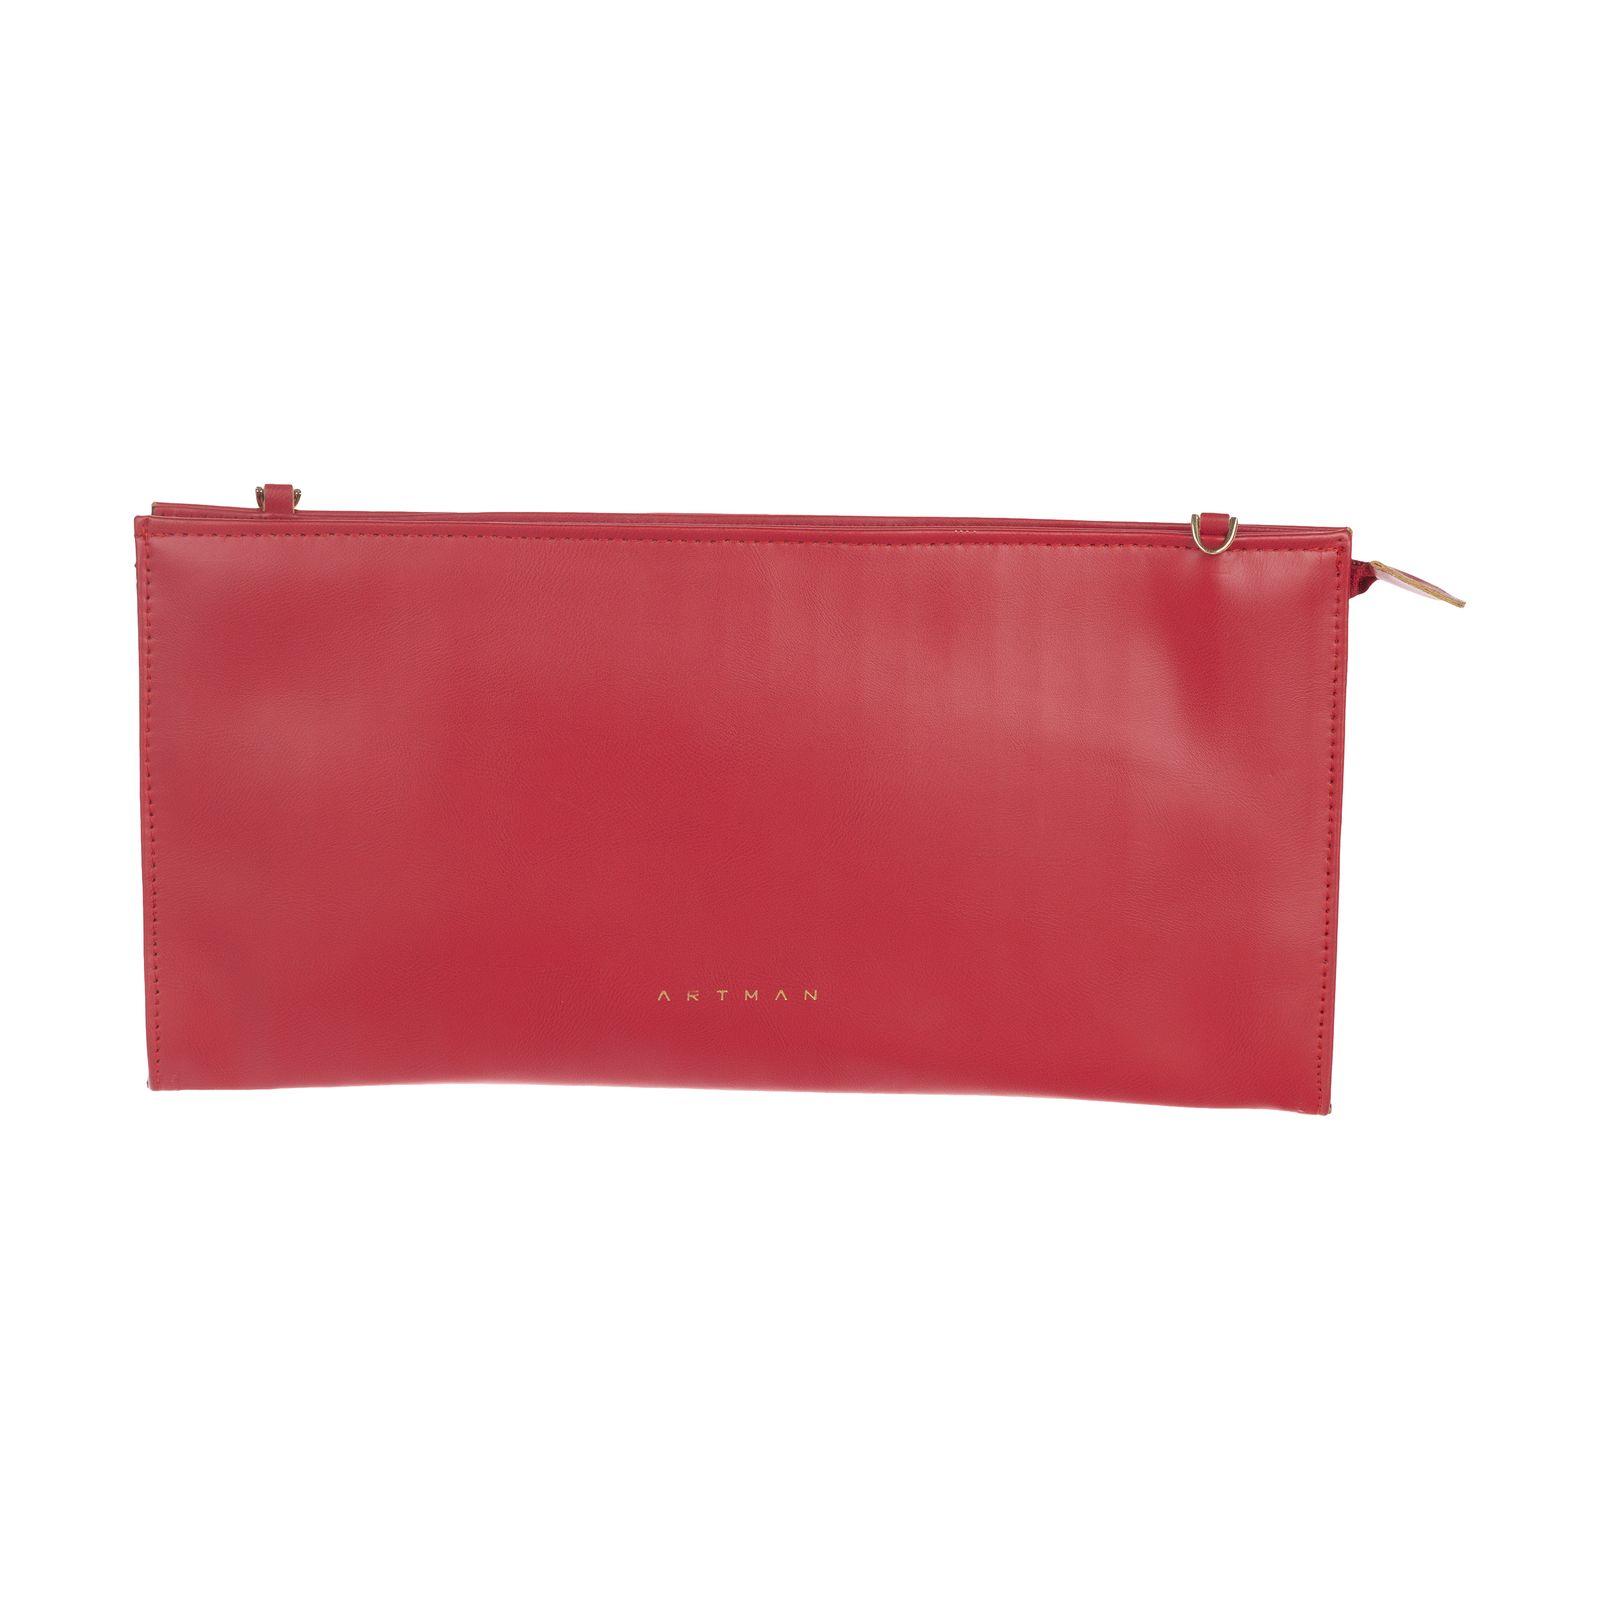 کیف دستی زنانه آرتمن مدل 36055 -  - 2